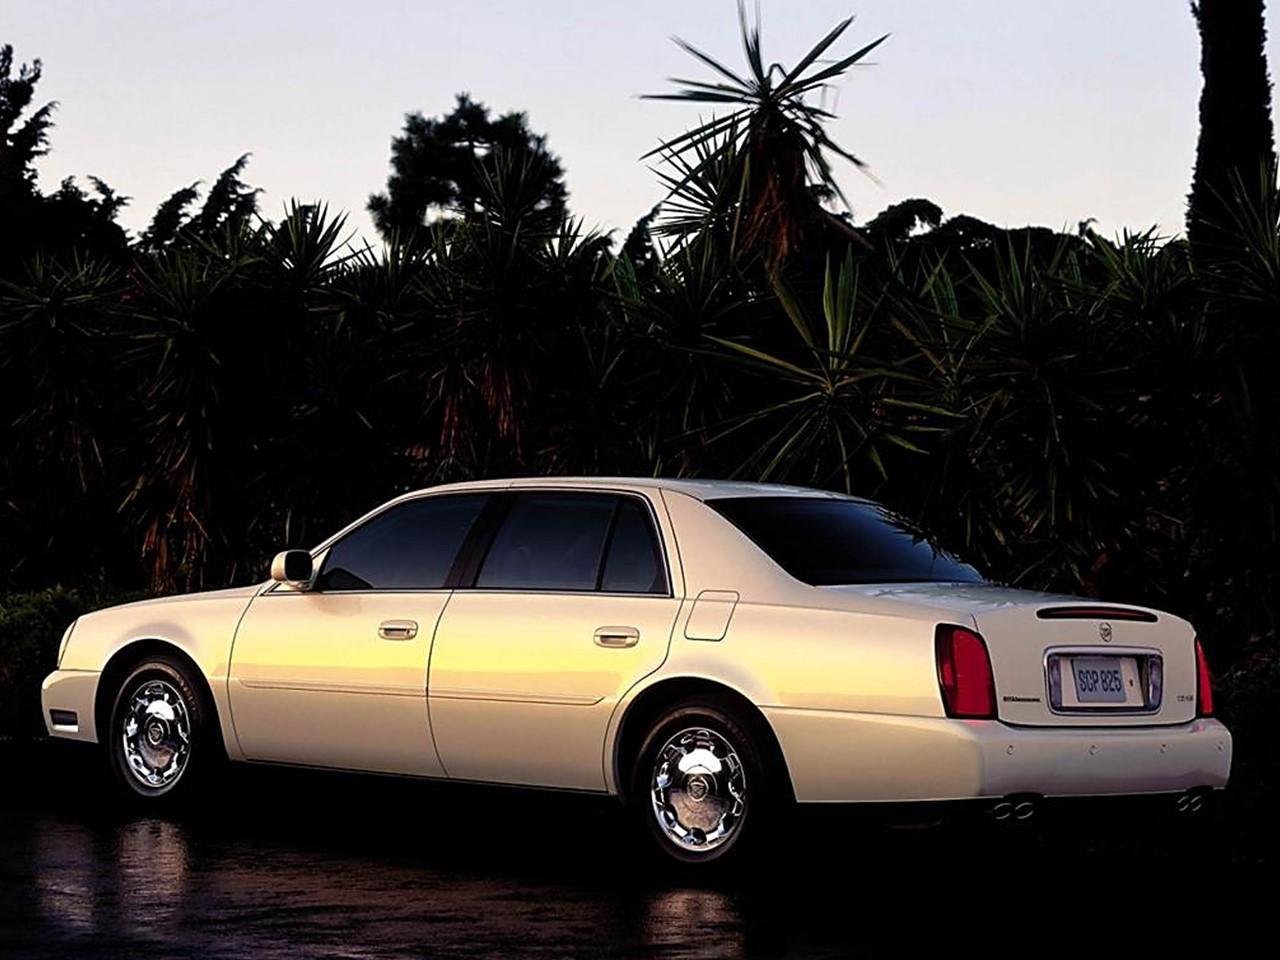 2002 Cadillac DHS 4